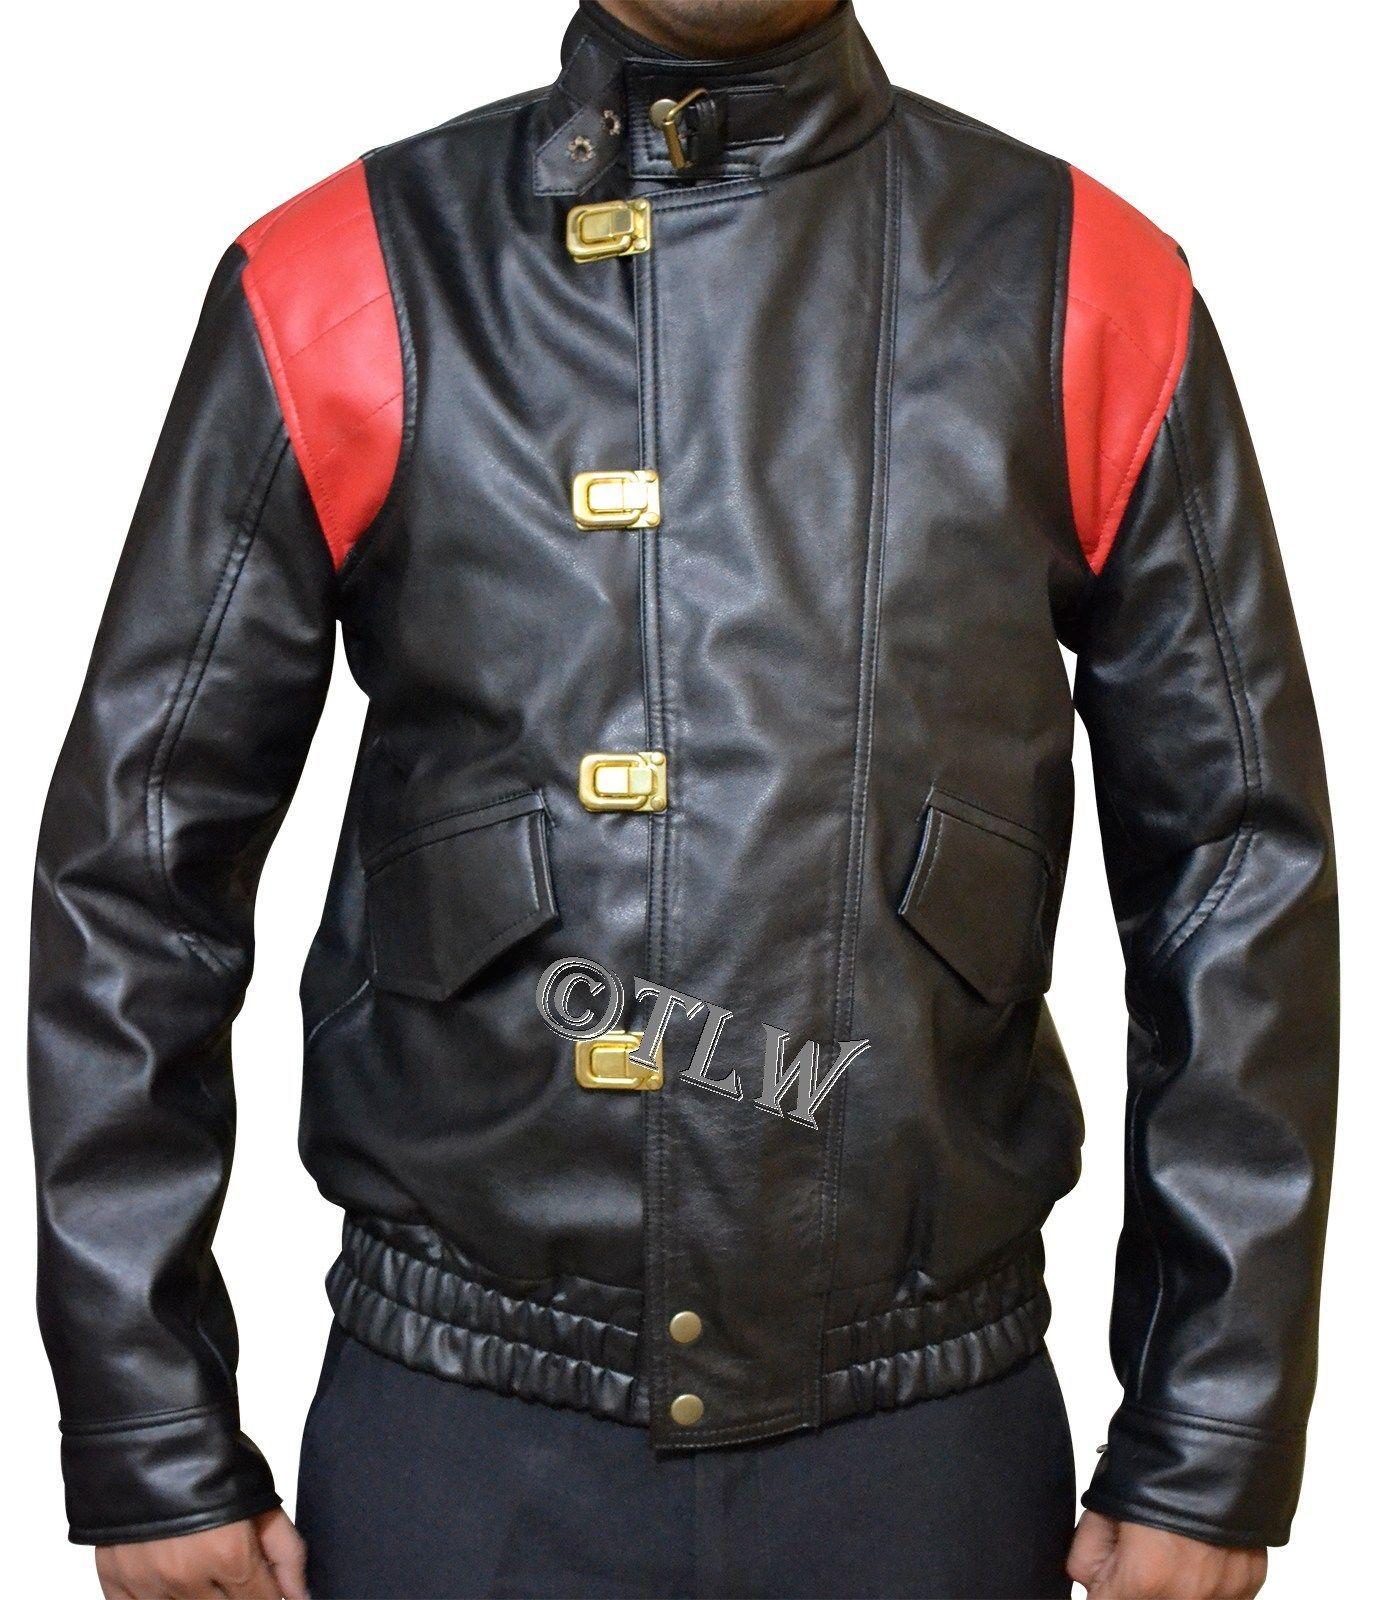 Details About Black Red Akira Kaneda Leather Jacket With Capsule Text Manga Akira Otomo Leather Jacket Black Leather Jackets [ 1600 x 1378 Pixel ]